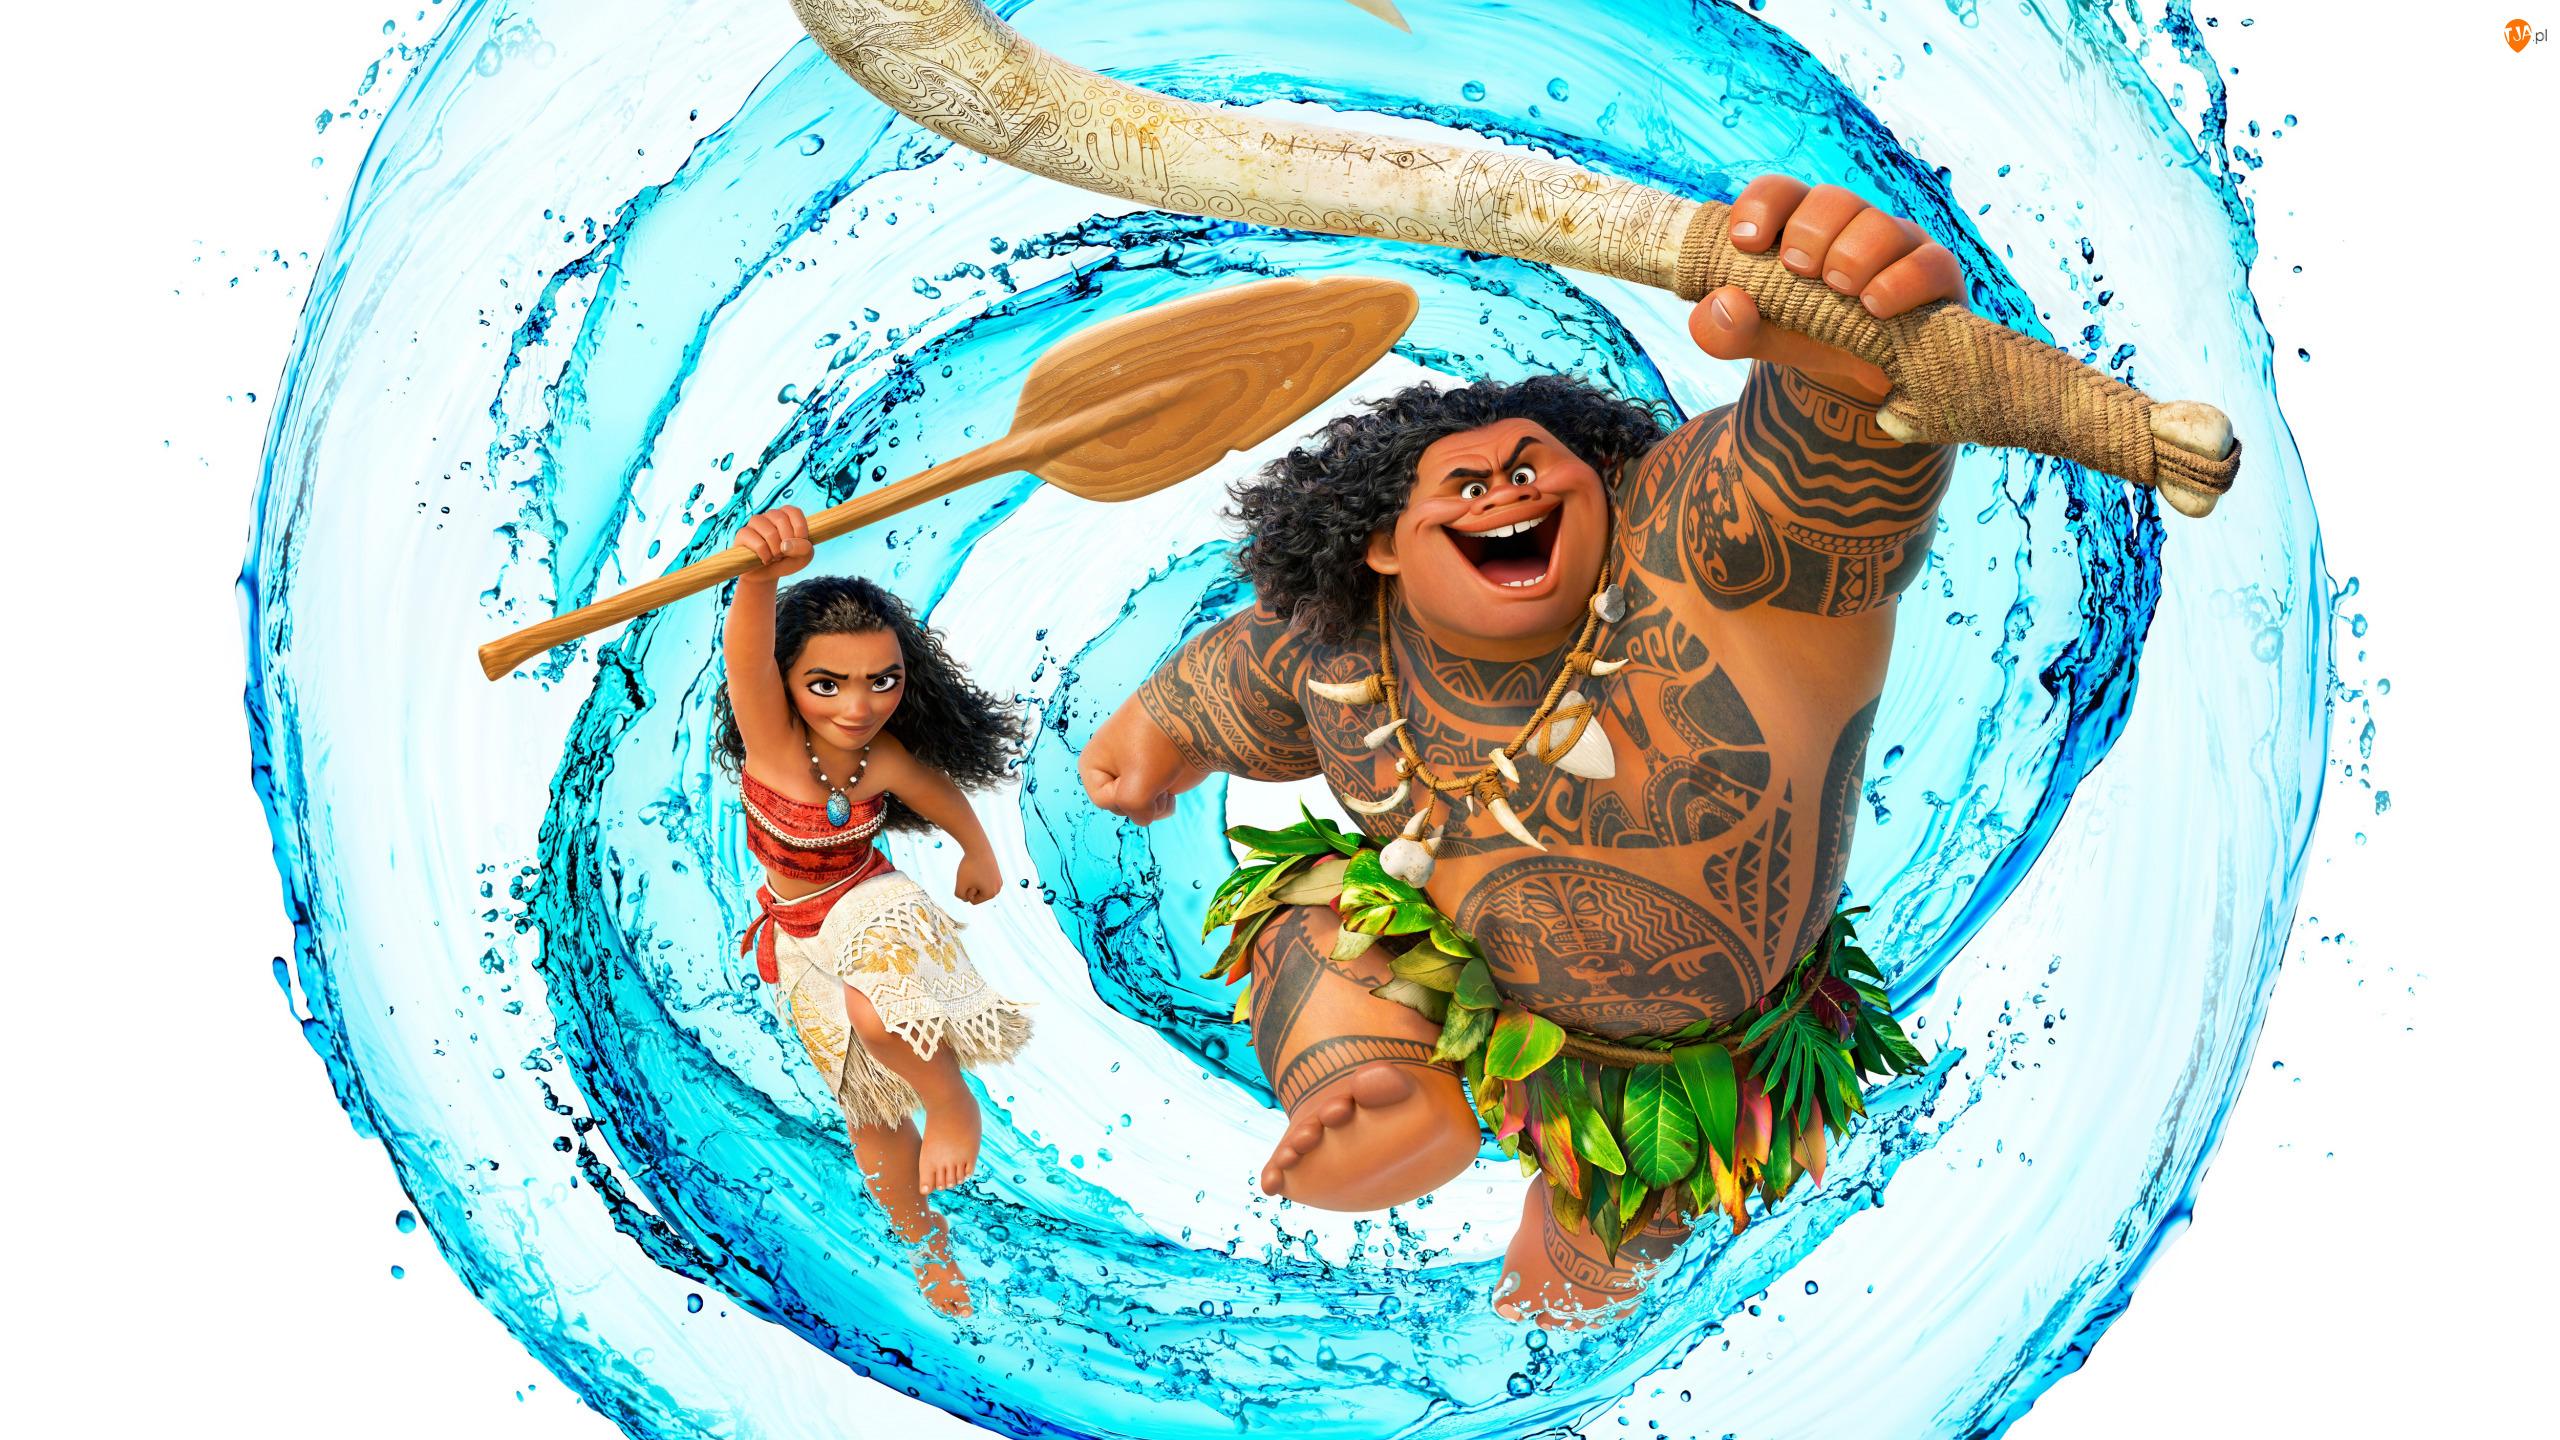 Chief Tui, Film animowany, Vaiana Skarb oceanu, Moana